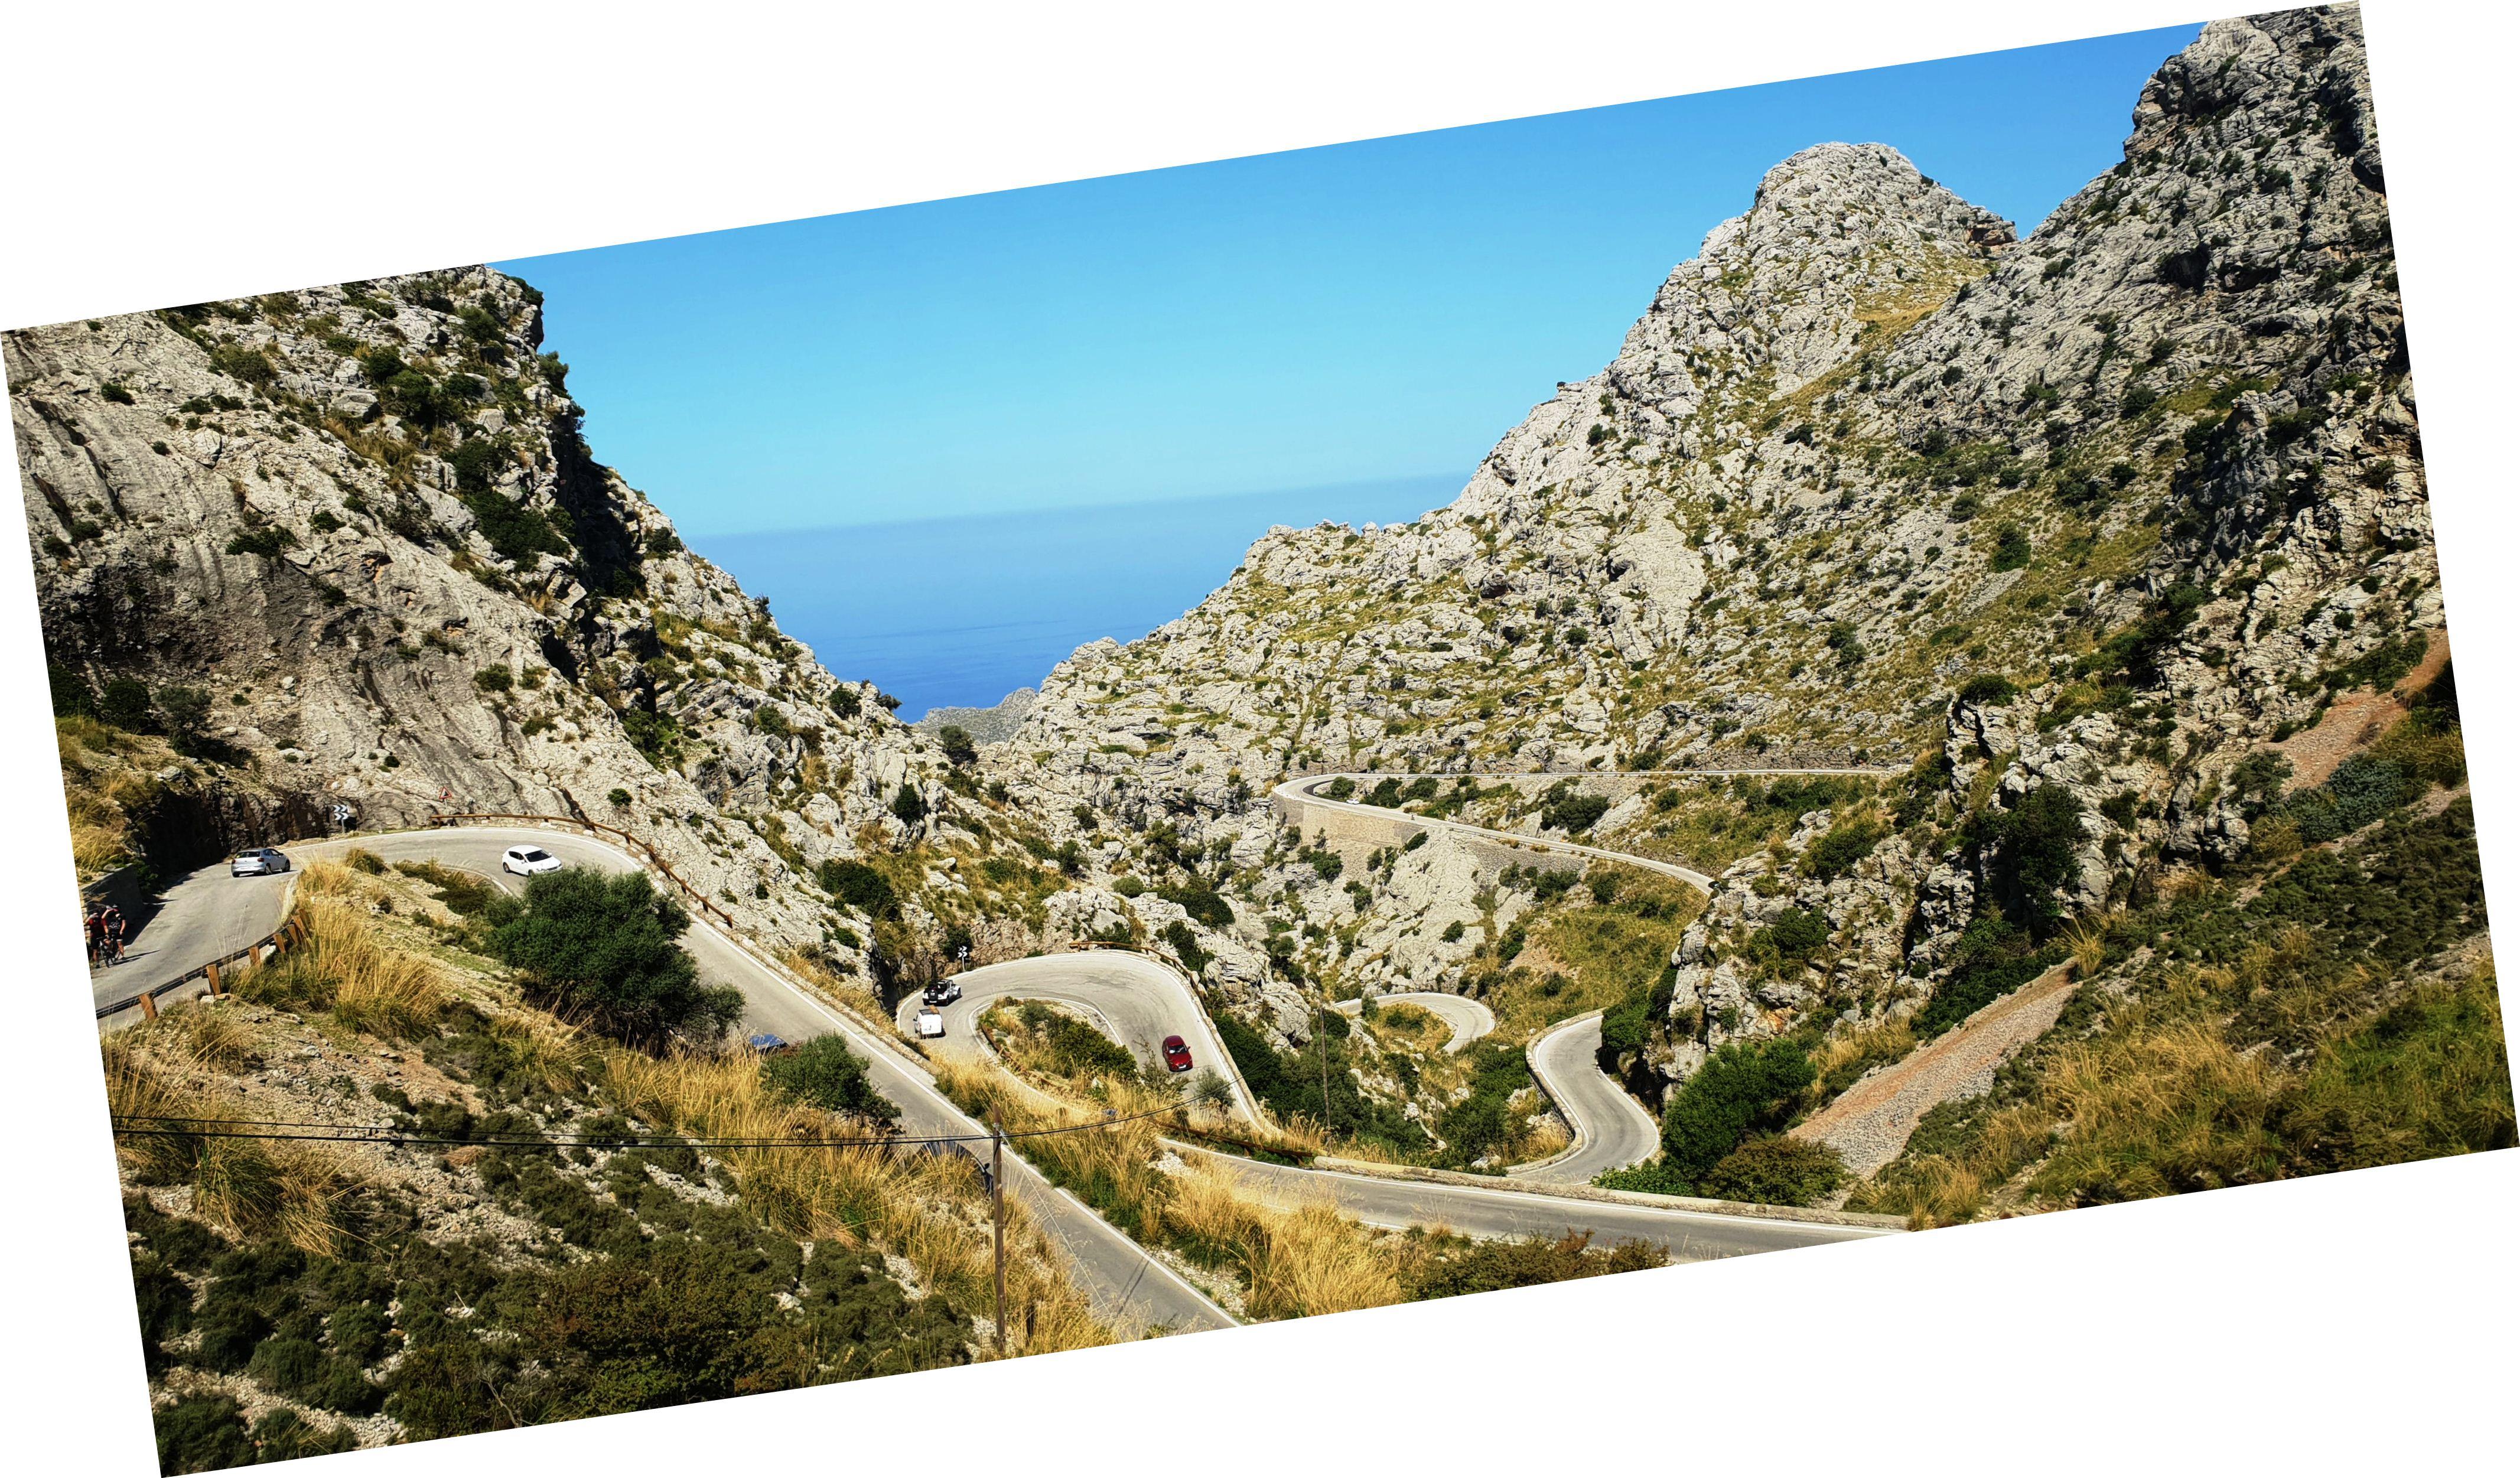 Vacanta in Mallorca, ANCAPAVEL.RO